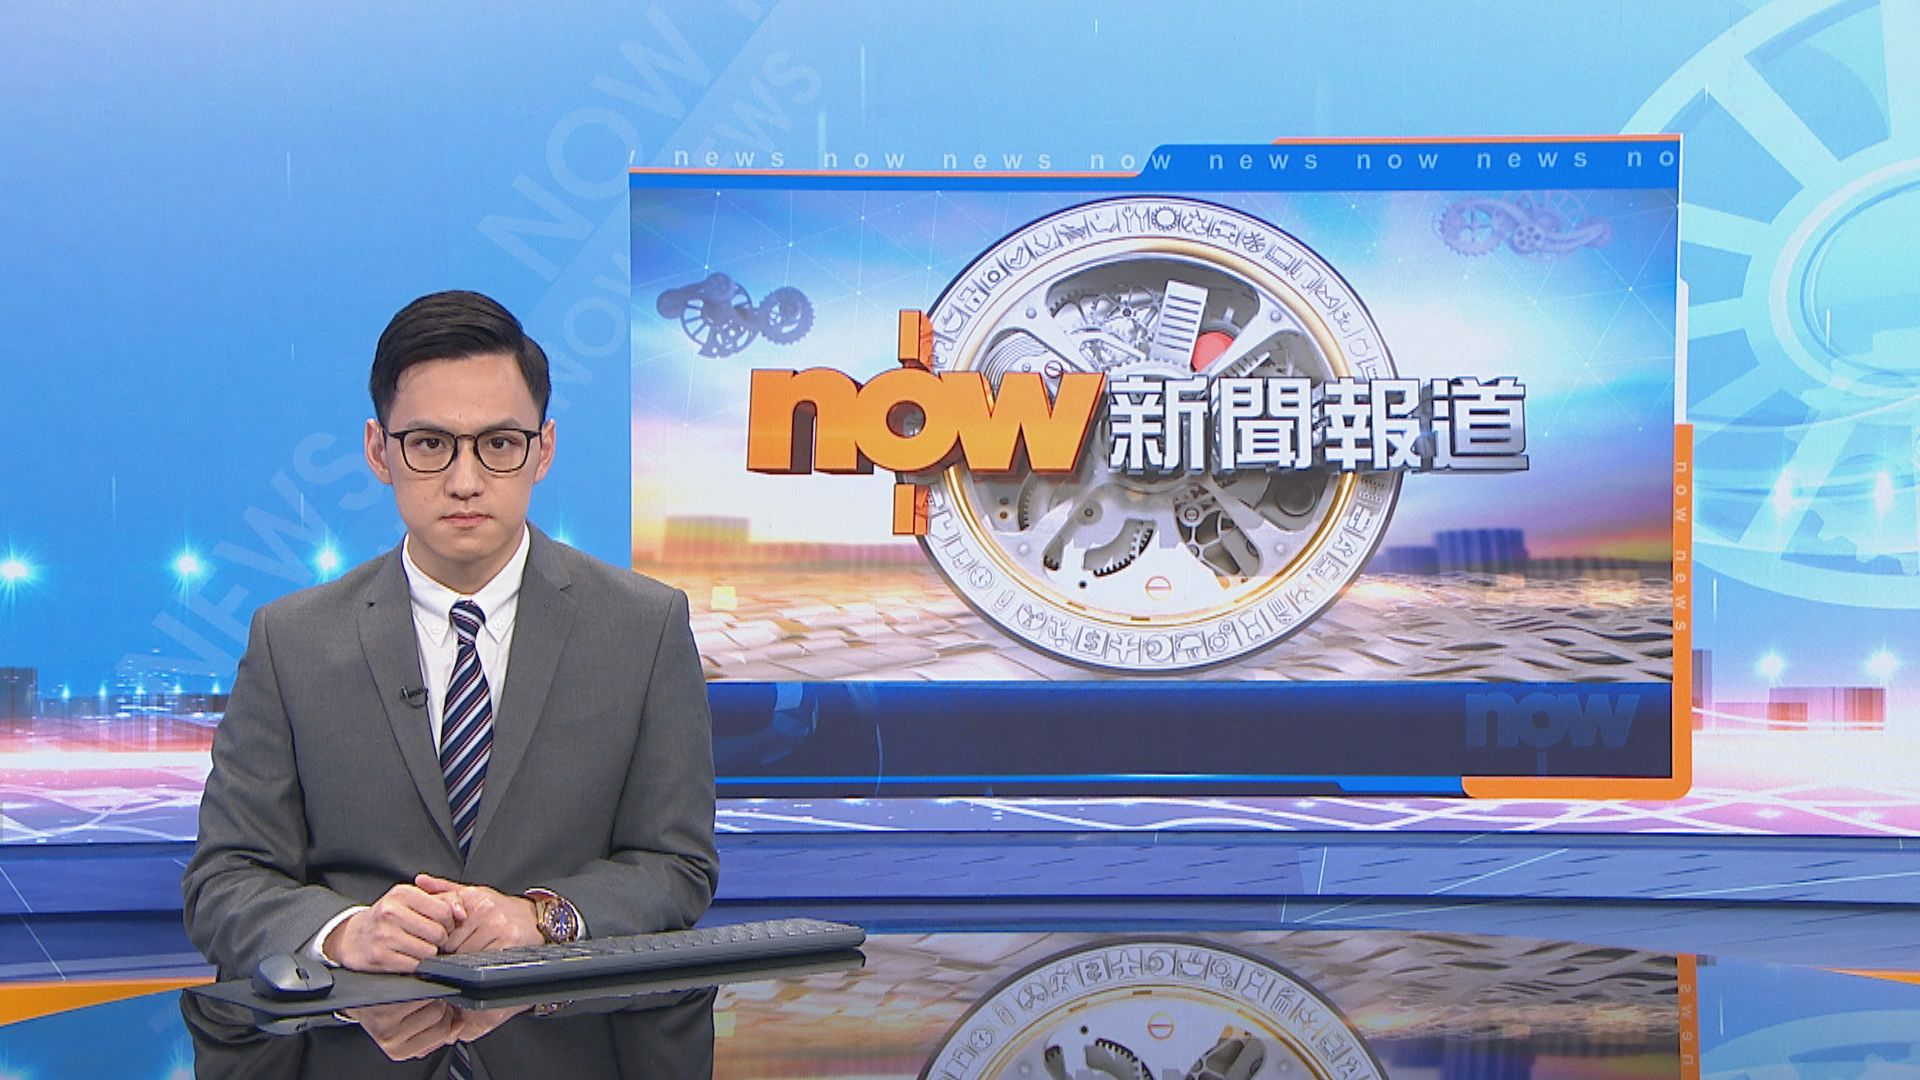 鄭若驊澄清在安樂工程無任何股息權